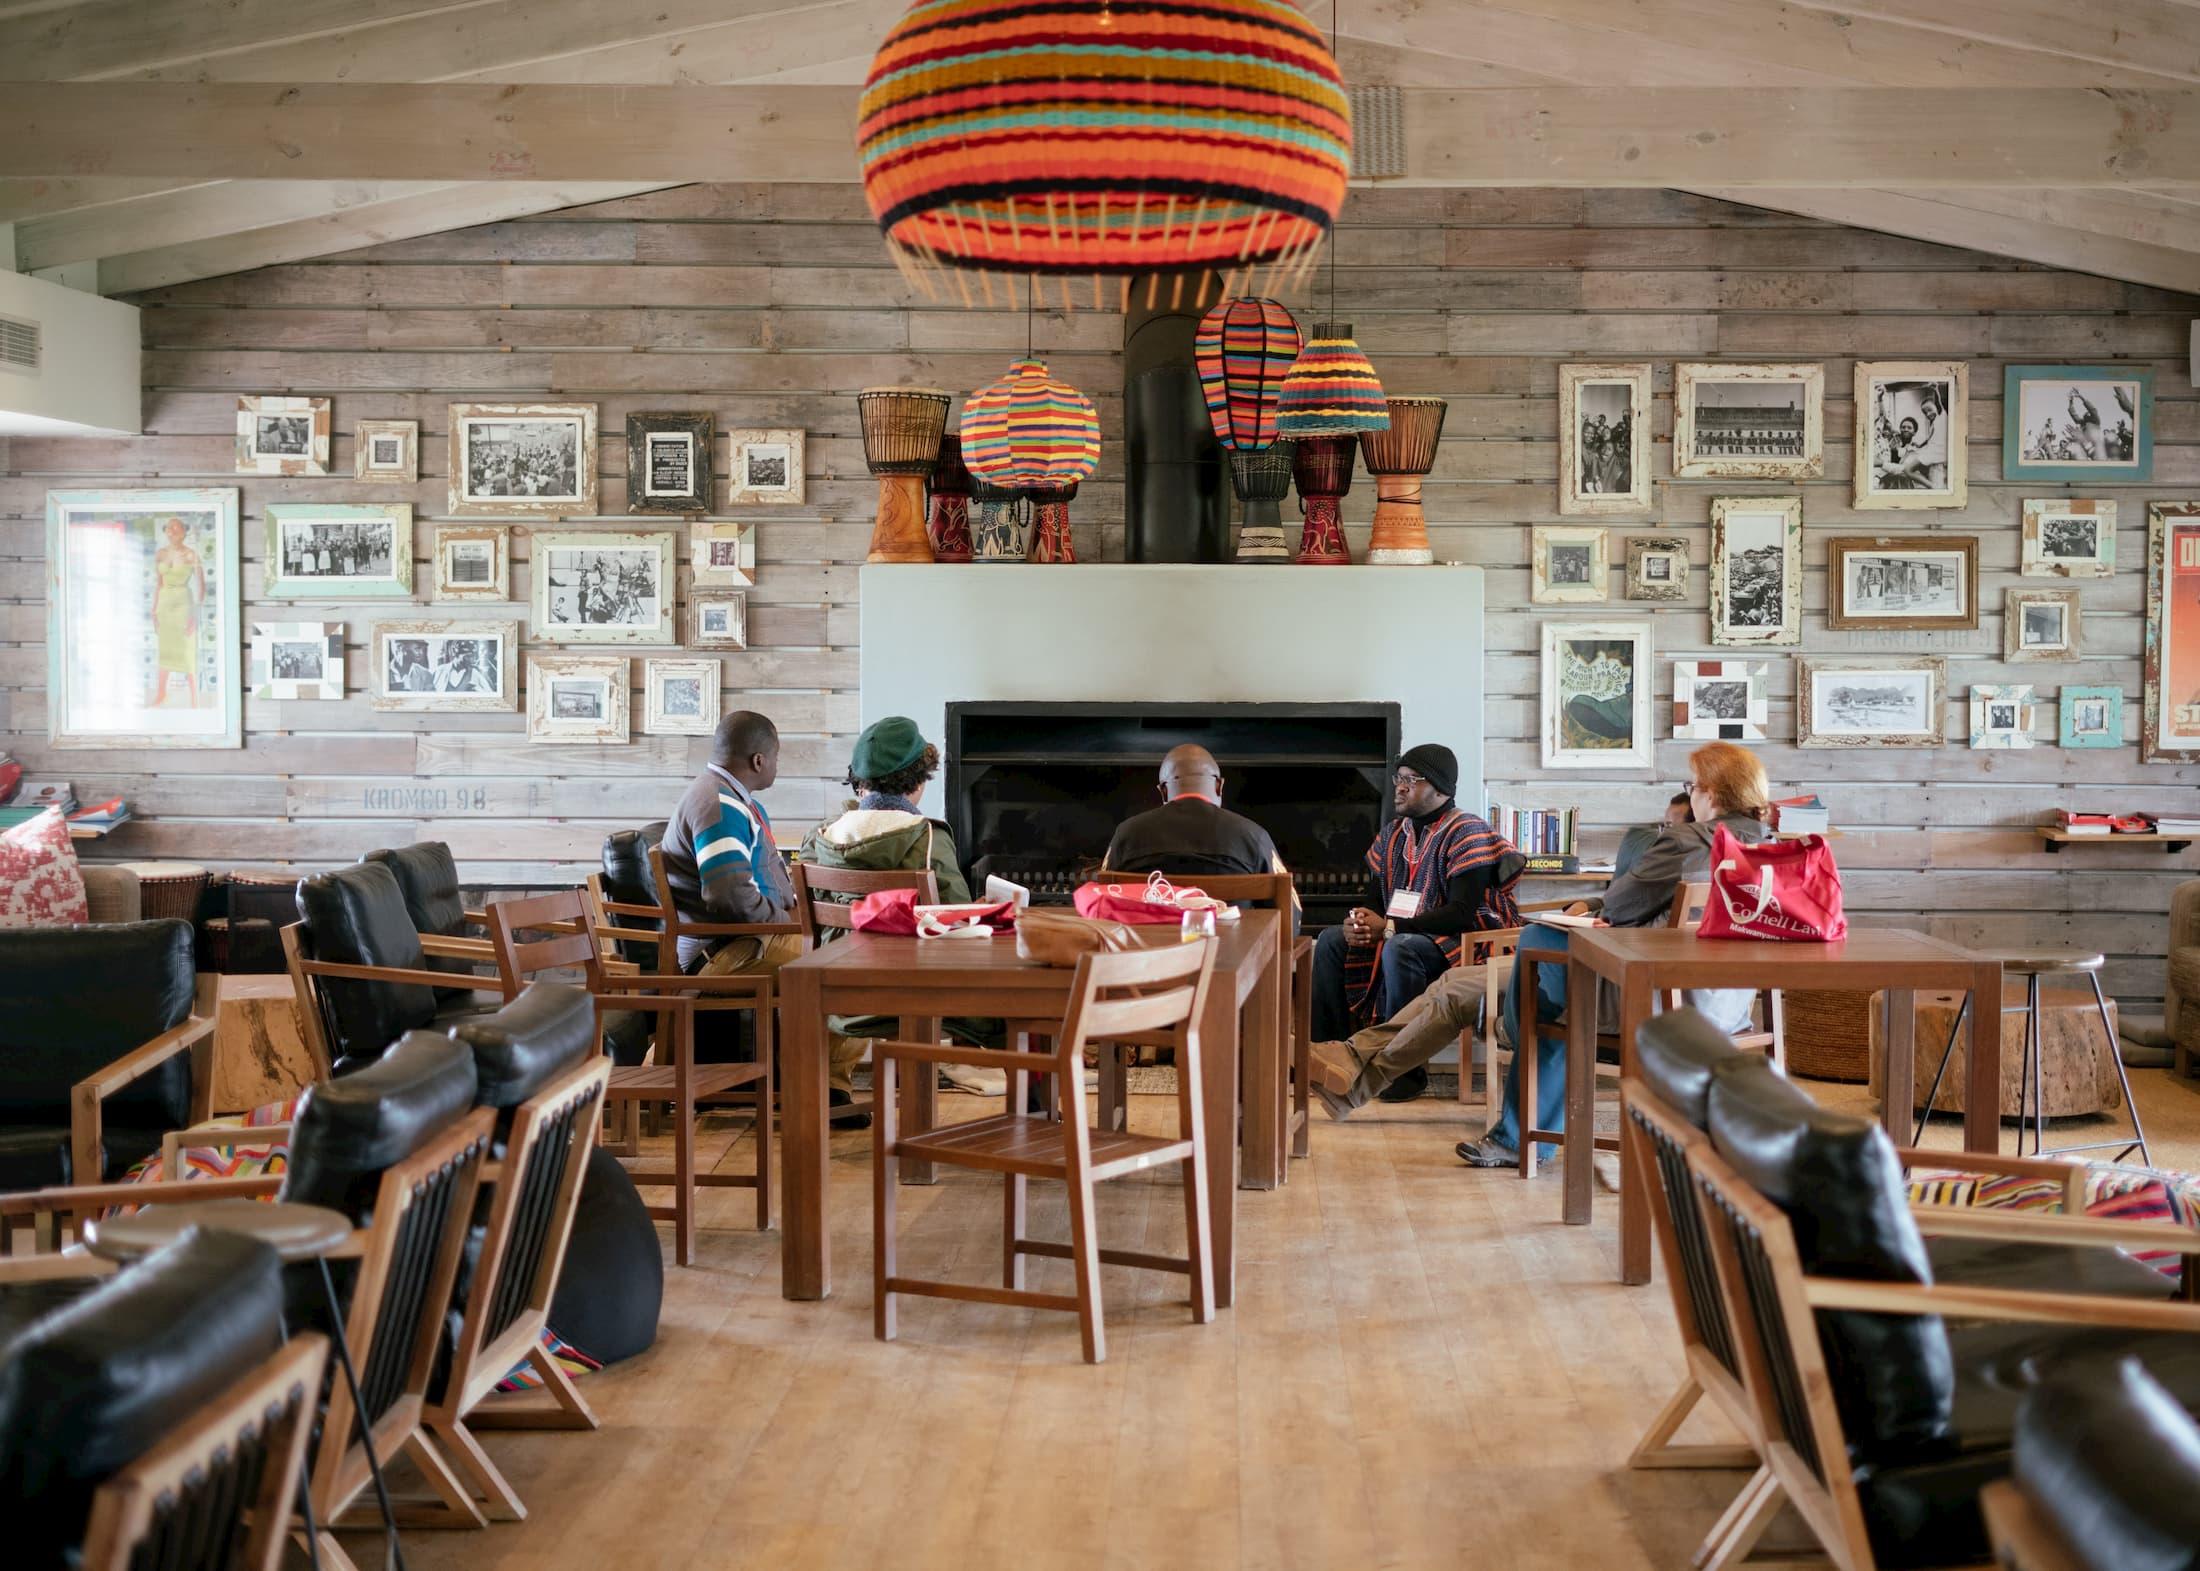 Six personnes sont assises sur des chaises en demi-cercle autour d'un feu de cheminée. Il y a des tableaux sur le mur à côté du foyer et quelques tables et chaises vides dans la salle.